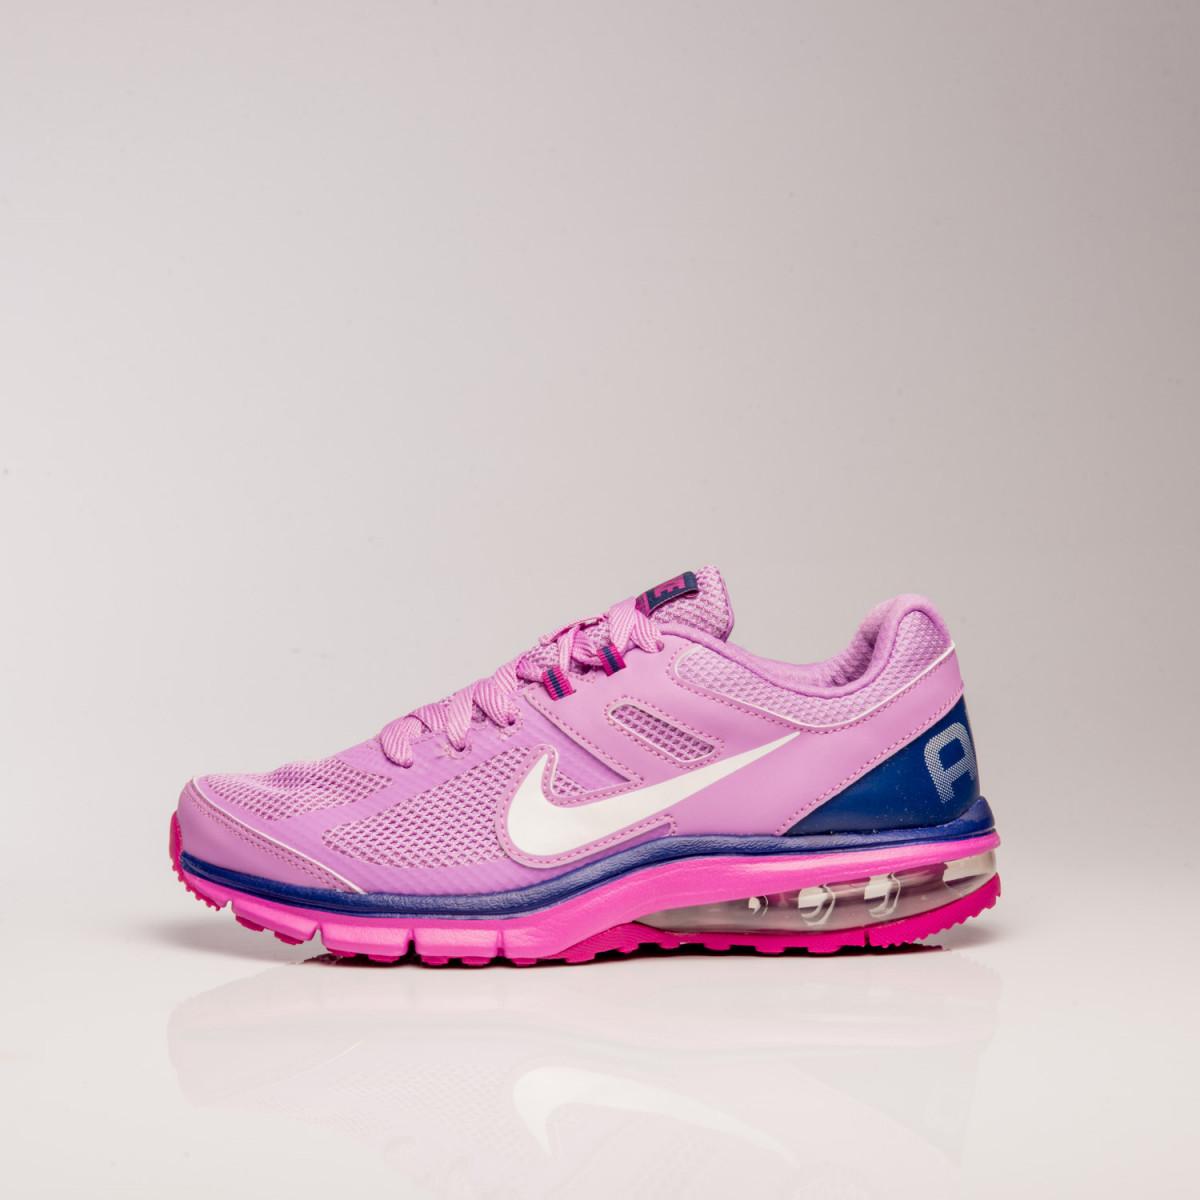 Zapatillas Nike Wmns Air Max Defy Rn Fchs